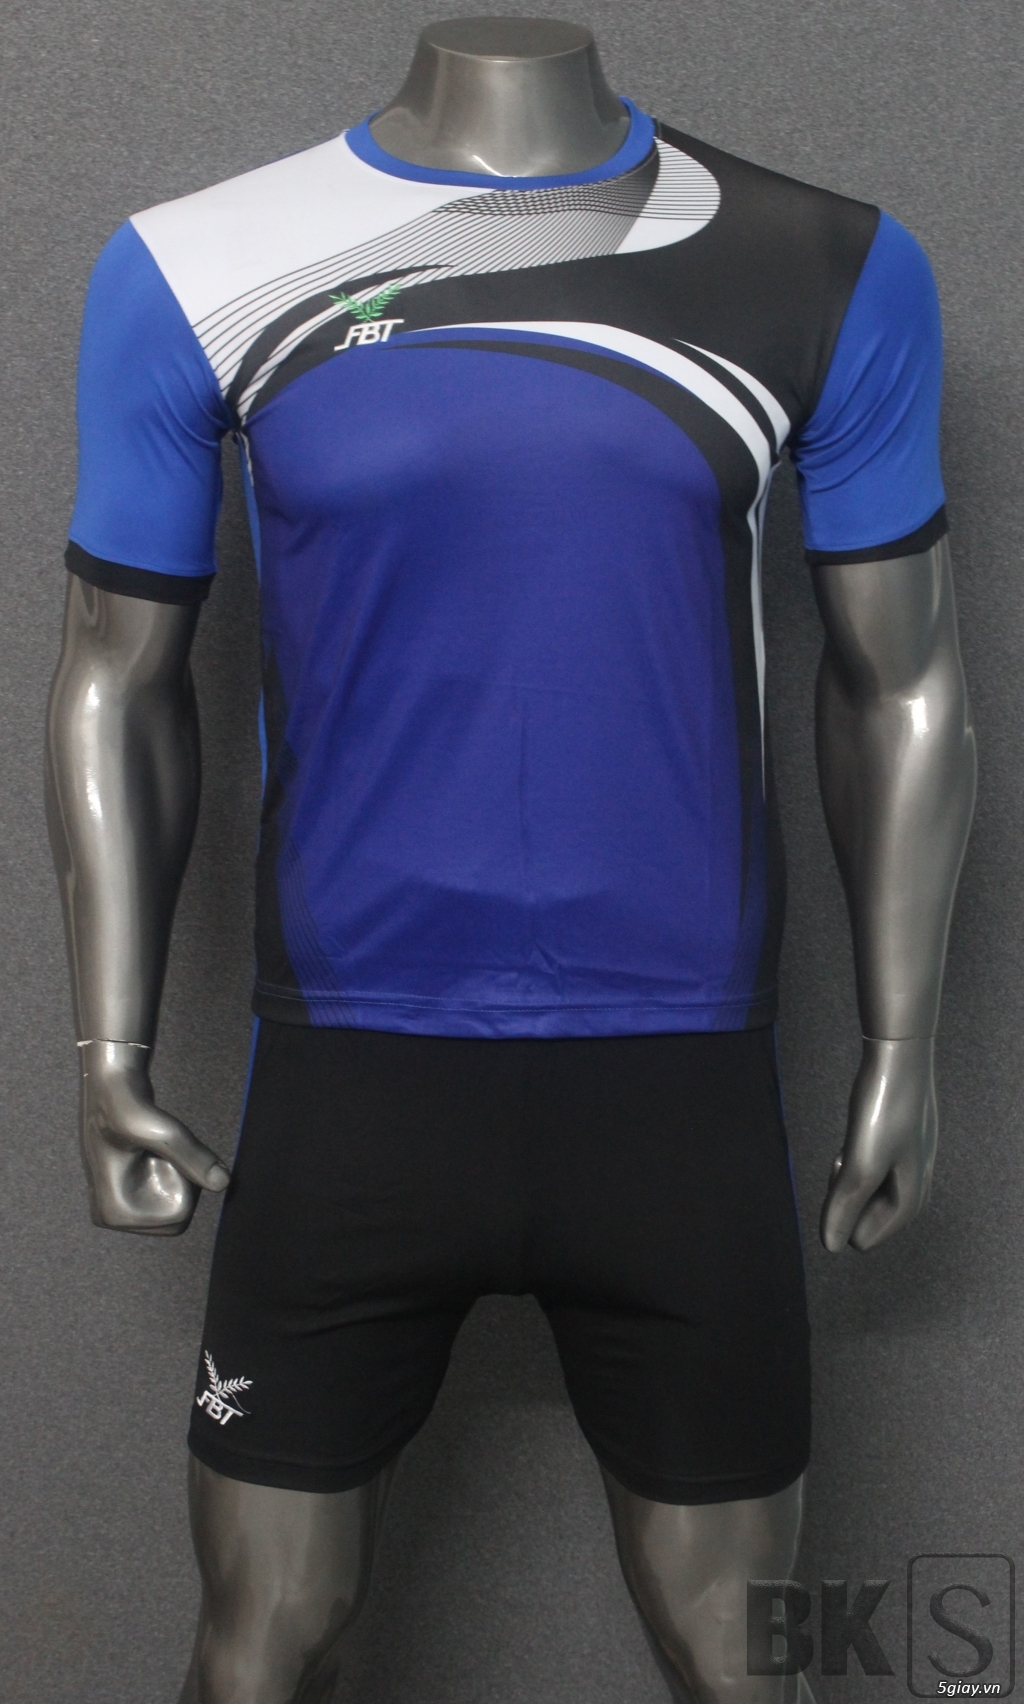 Áo bóng đá HP-địa chỉ gốc sản xuất trang phục thể thao số 1 Việt Nam - 20